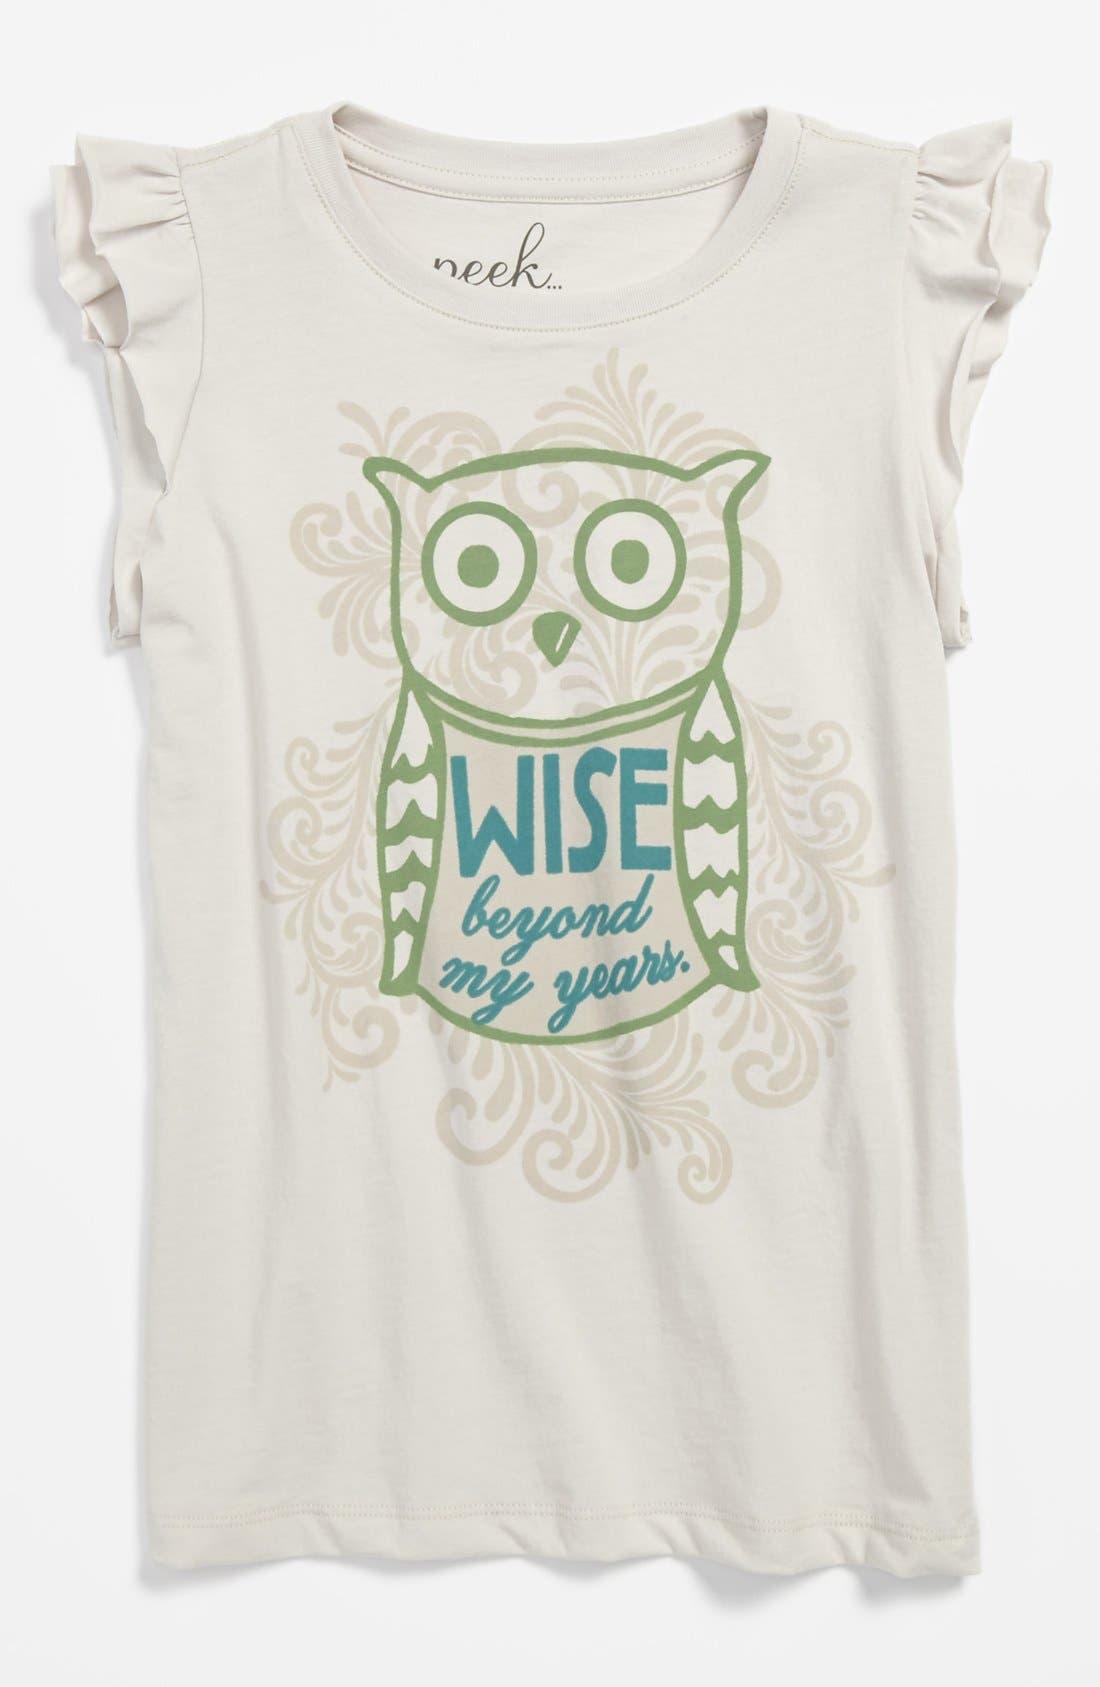 Alternate Image 1 Selected - Peek 'Be Wise' Tee (Baby Girls)